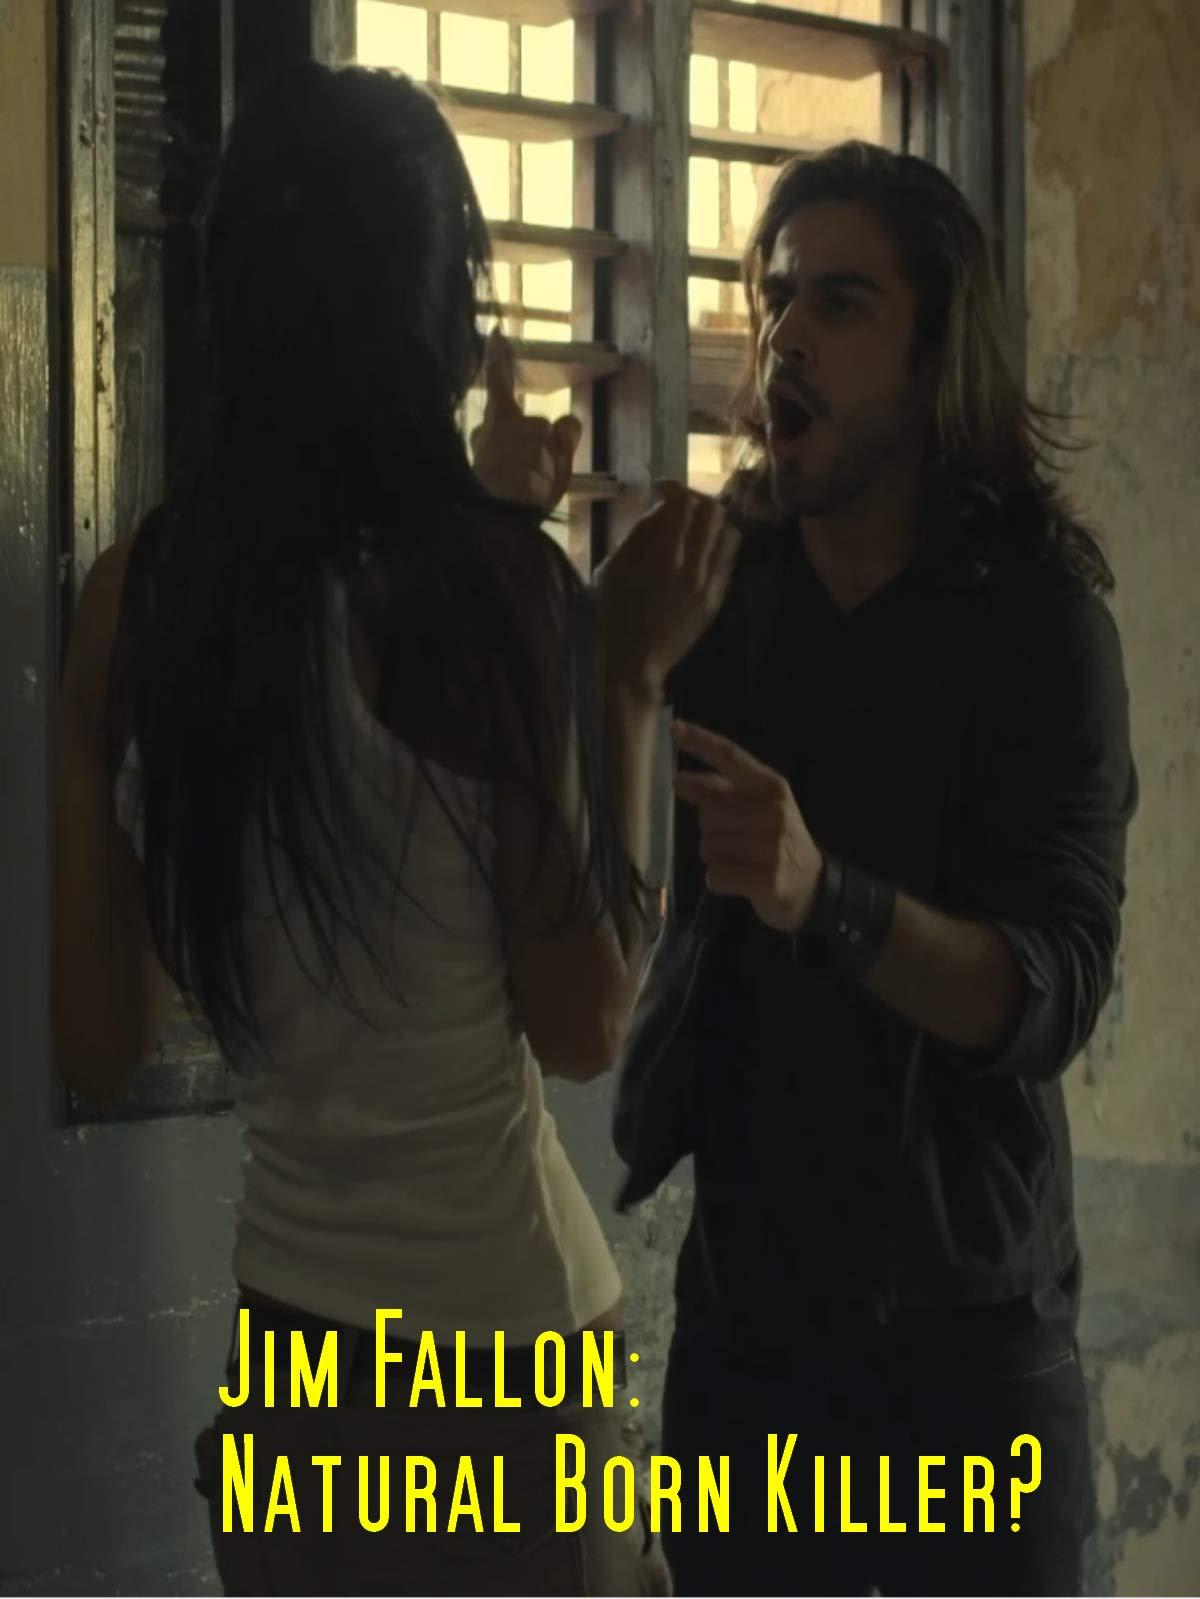 Jim Fallon: Natural Born Killer?